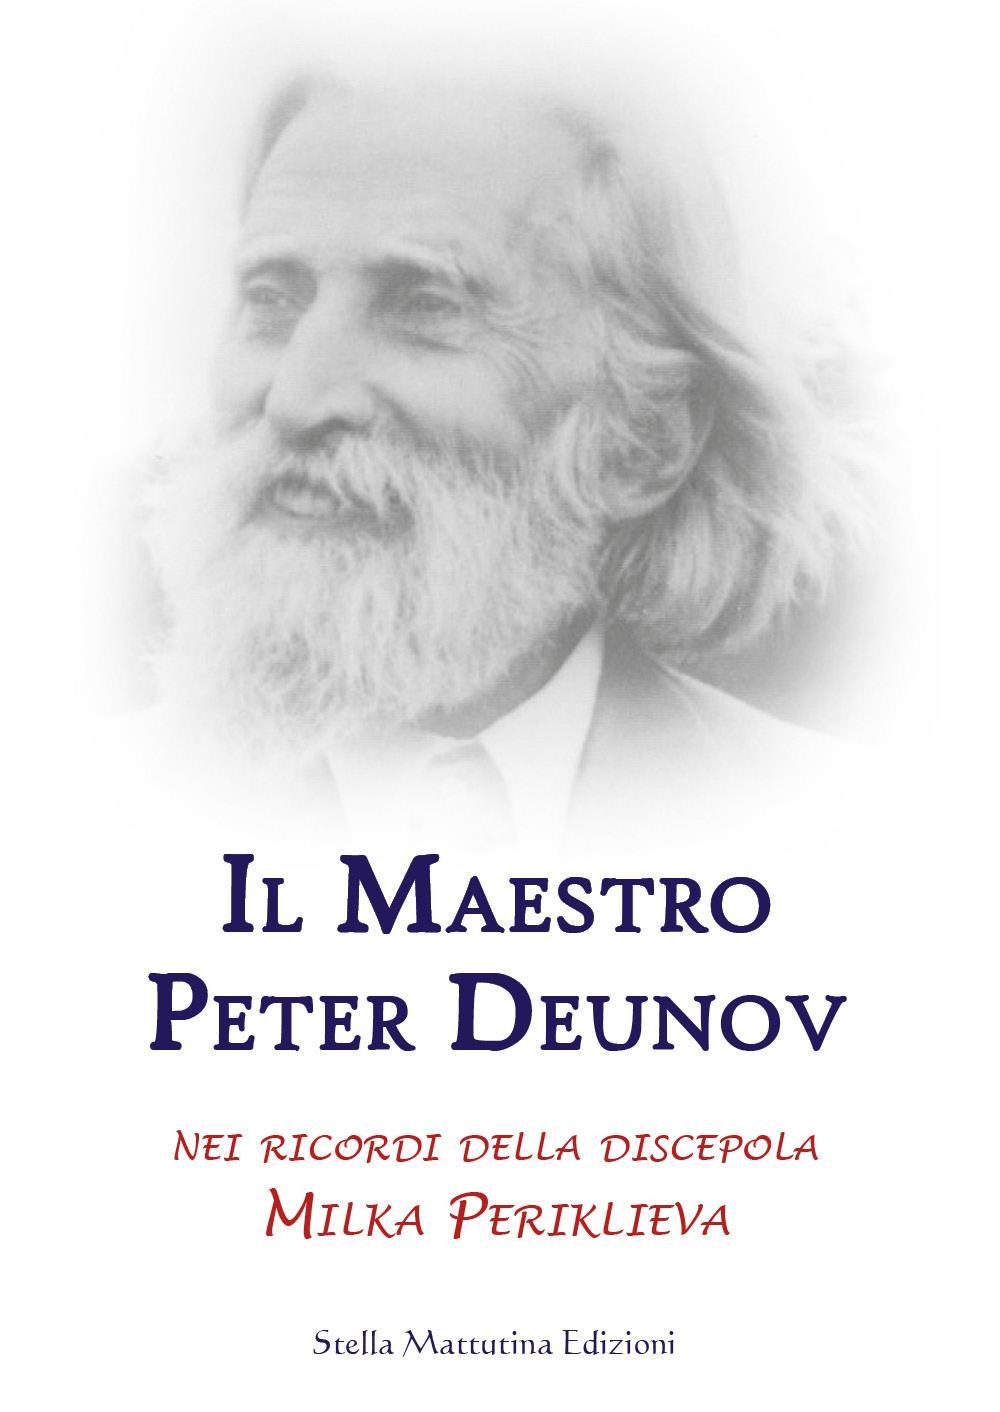 Il maestro Peter Deunov nei ricordi della discepola Milka Periklieva